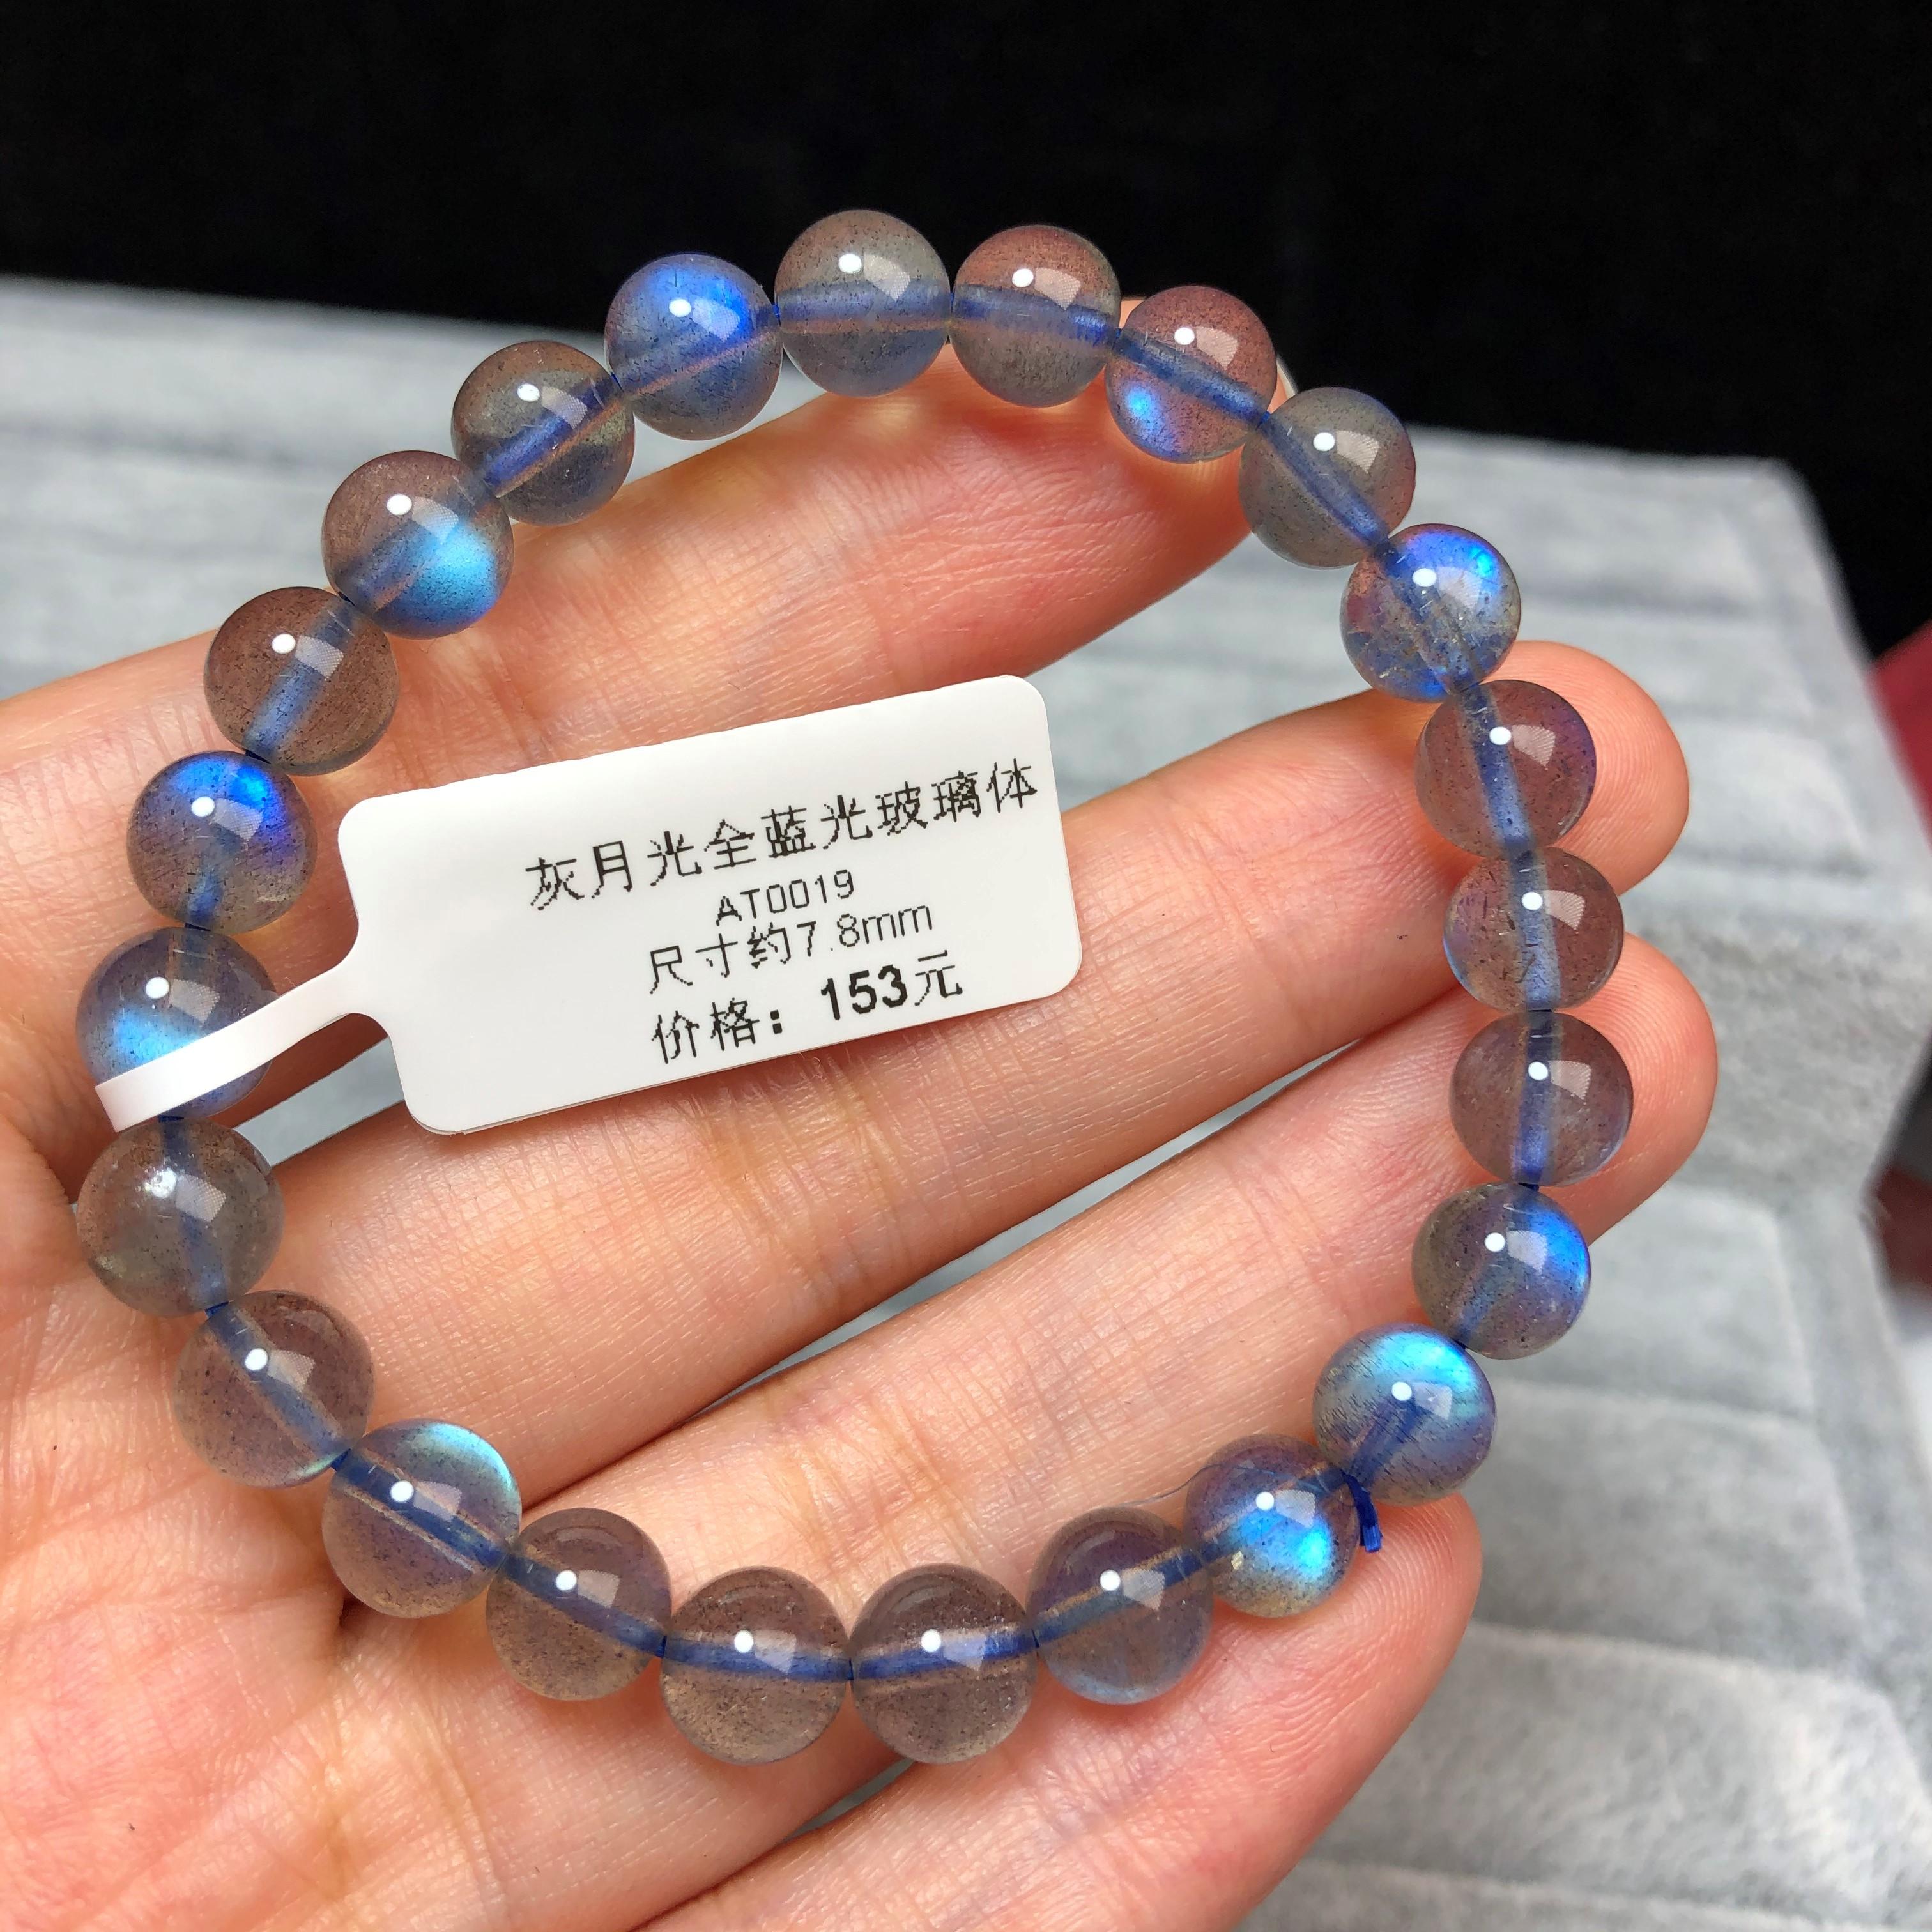 玻璃种灰月光拉长石手链手串全蓝光彩光水晶饰品礼物 一物一图